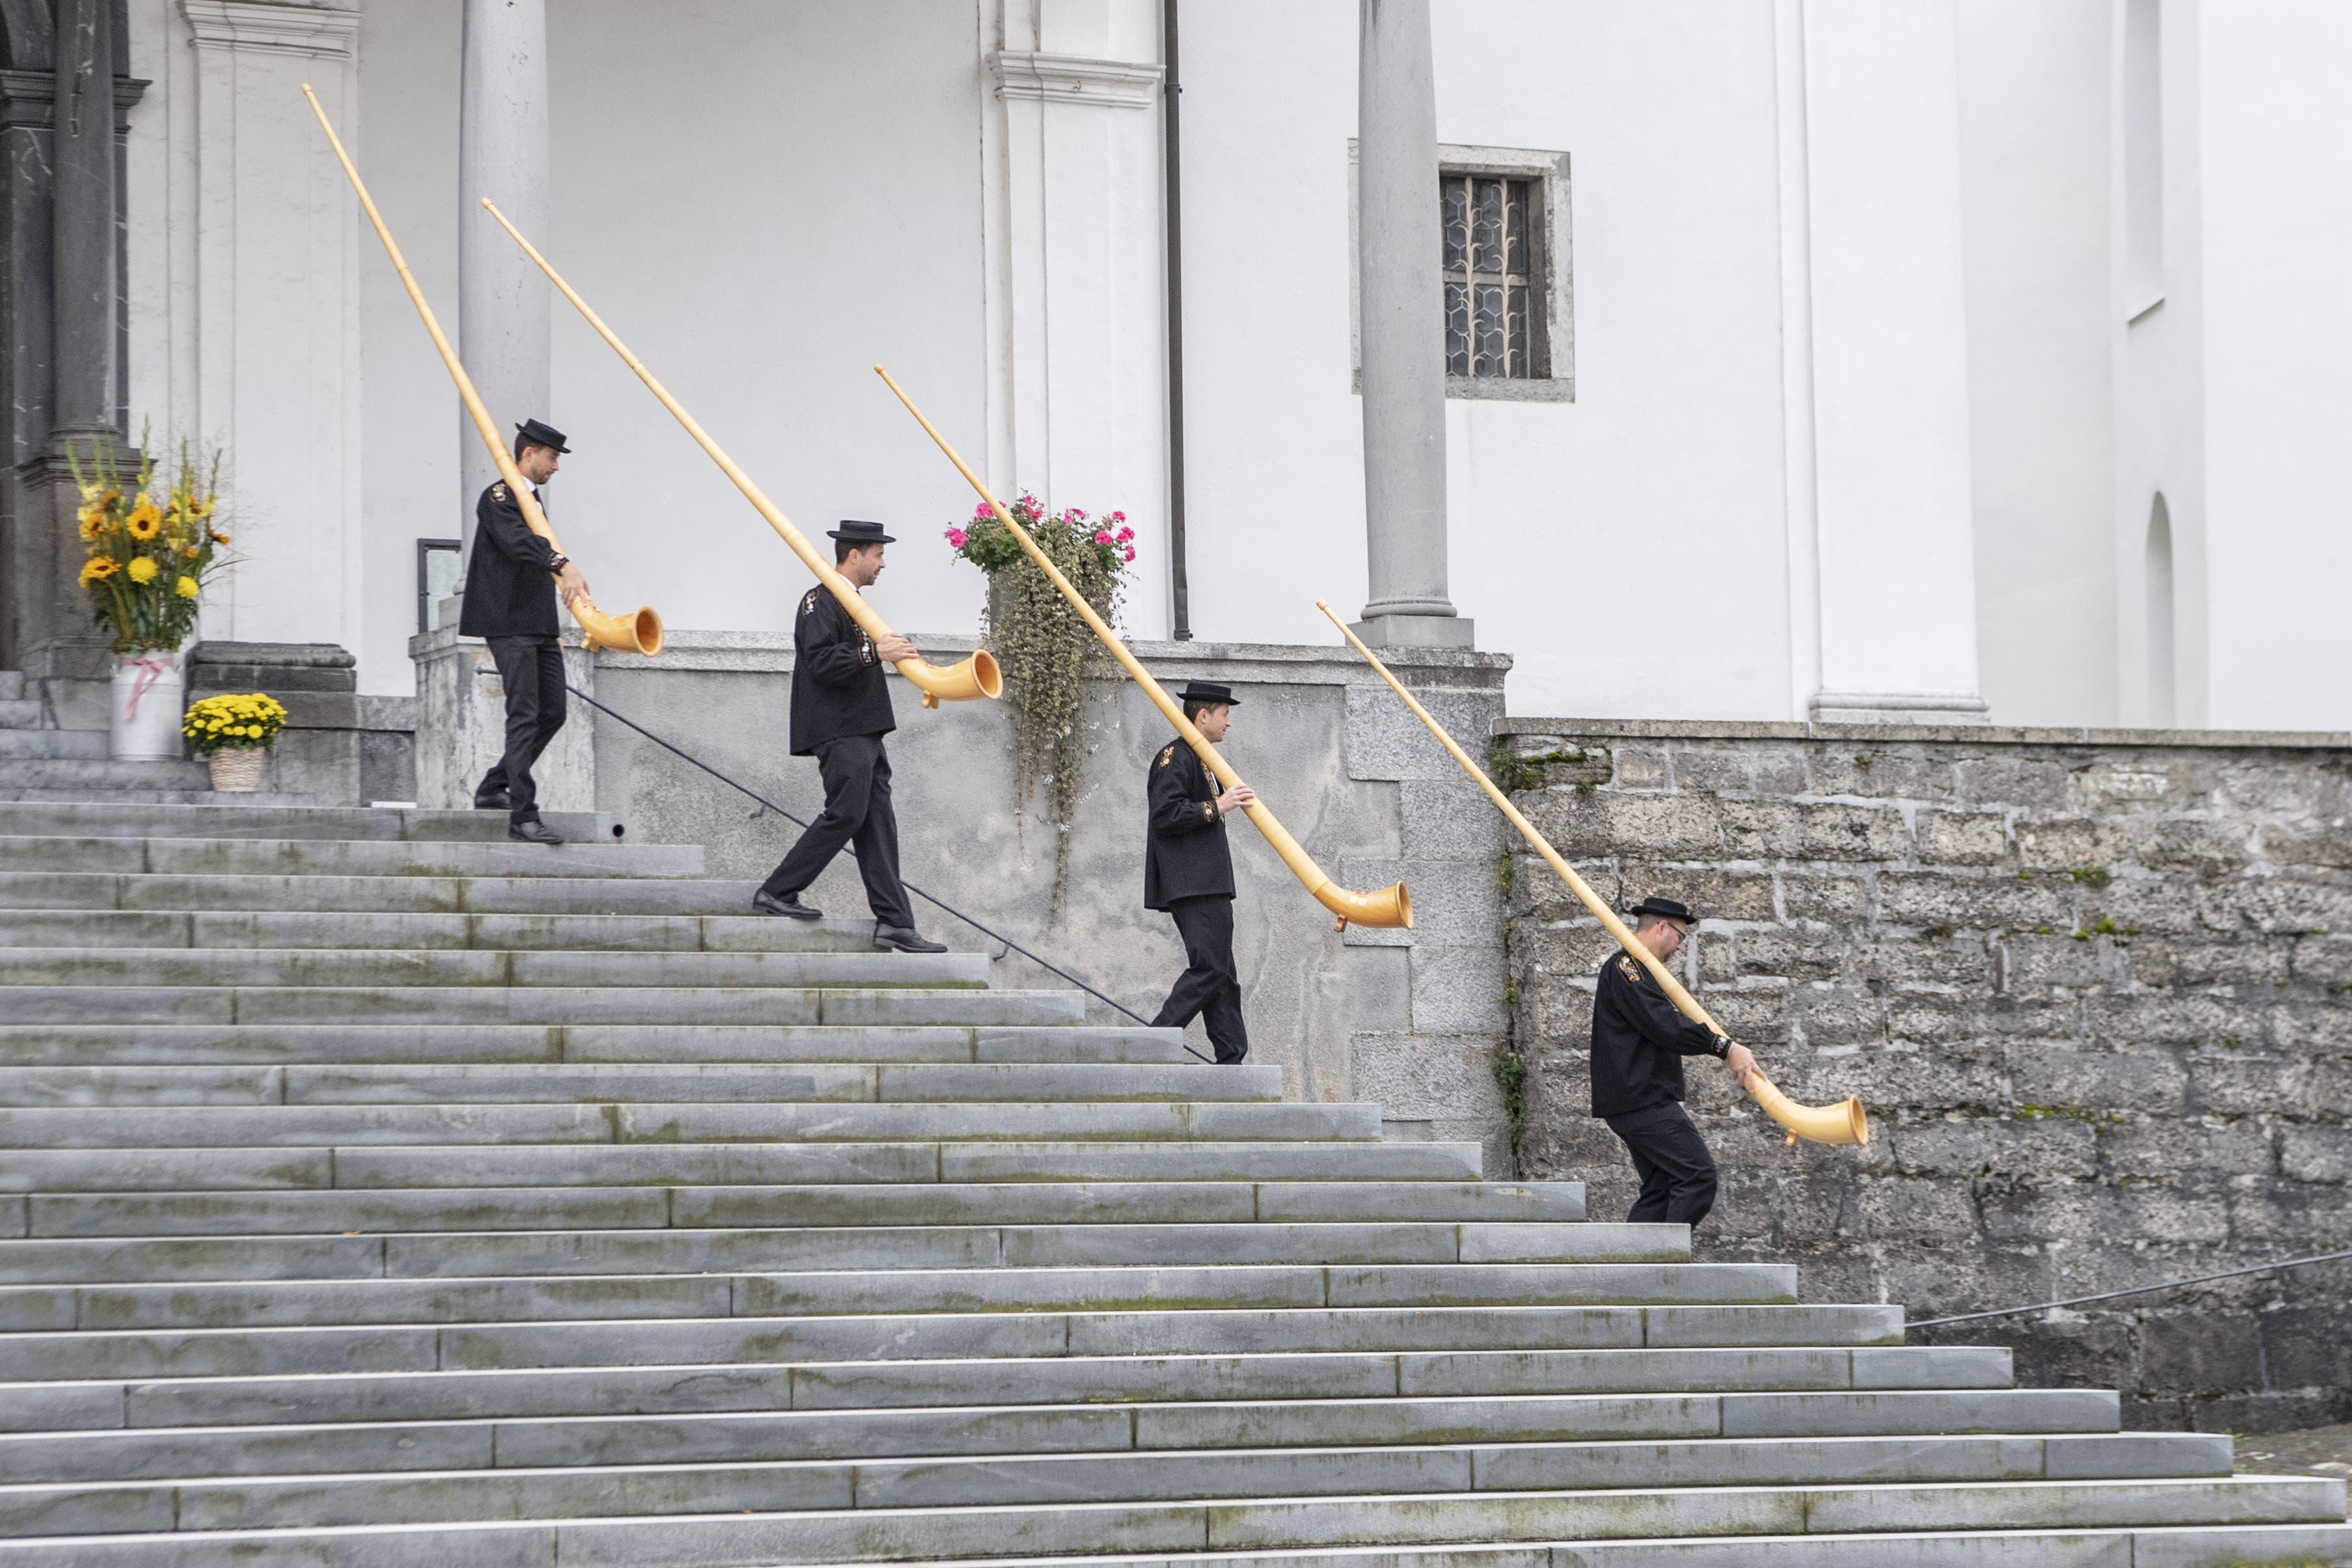 Die Alphornbläser machen sich bereit, anlässlich der traditionellen Älplerchili von Stans. (Bild: Urs Flüeler/Keystone, Stans, 20. Oktober 2019)